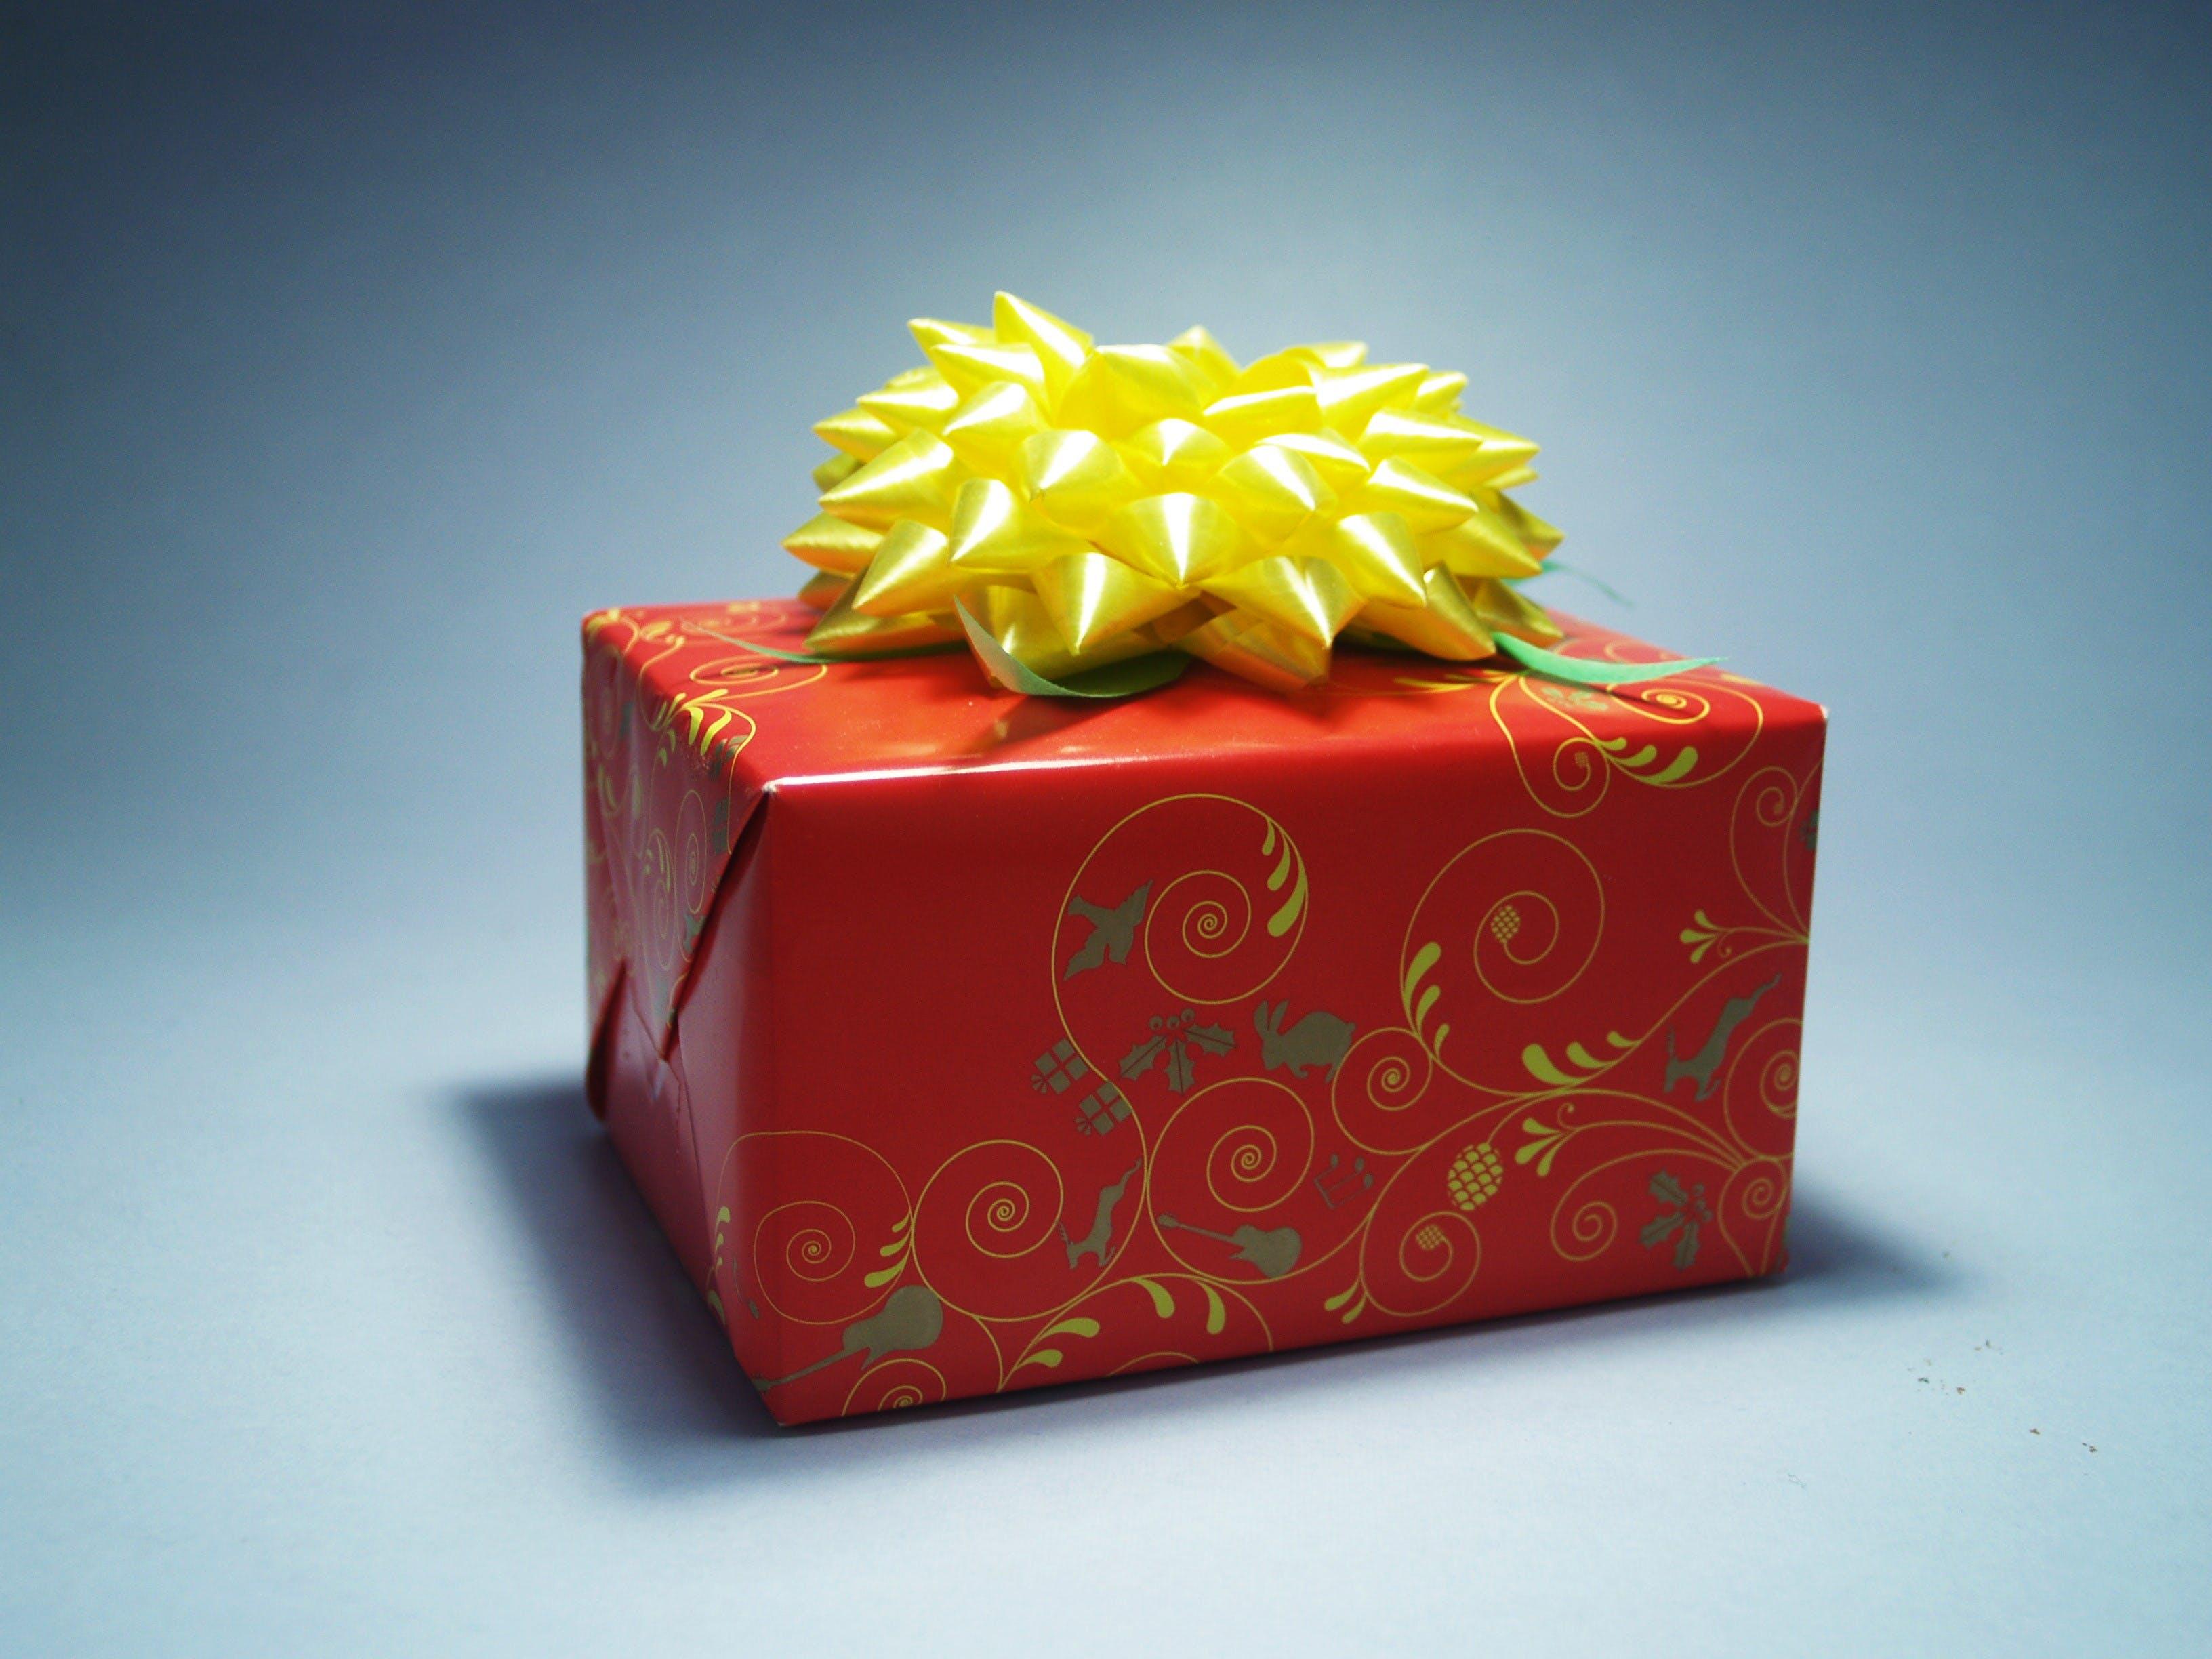 Kostenloses Stock Foto zu geschenk, feier, box, geburtstag